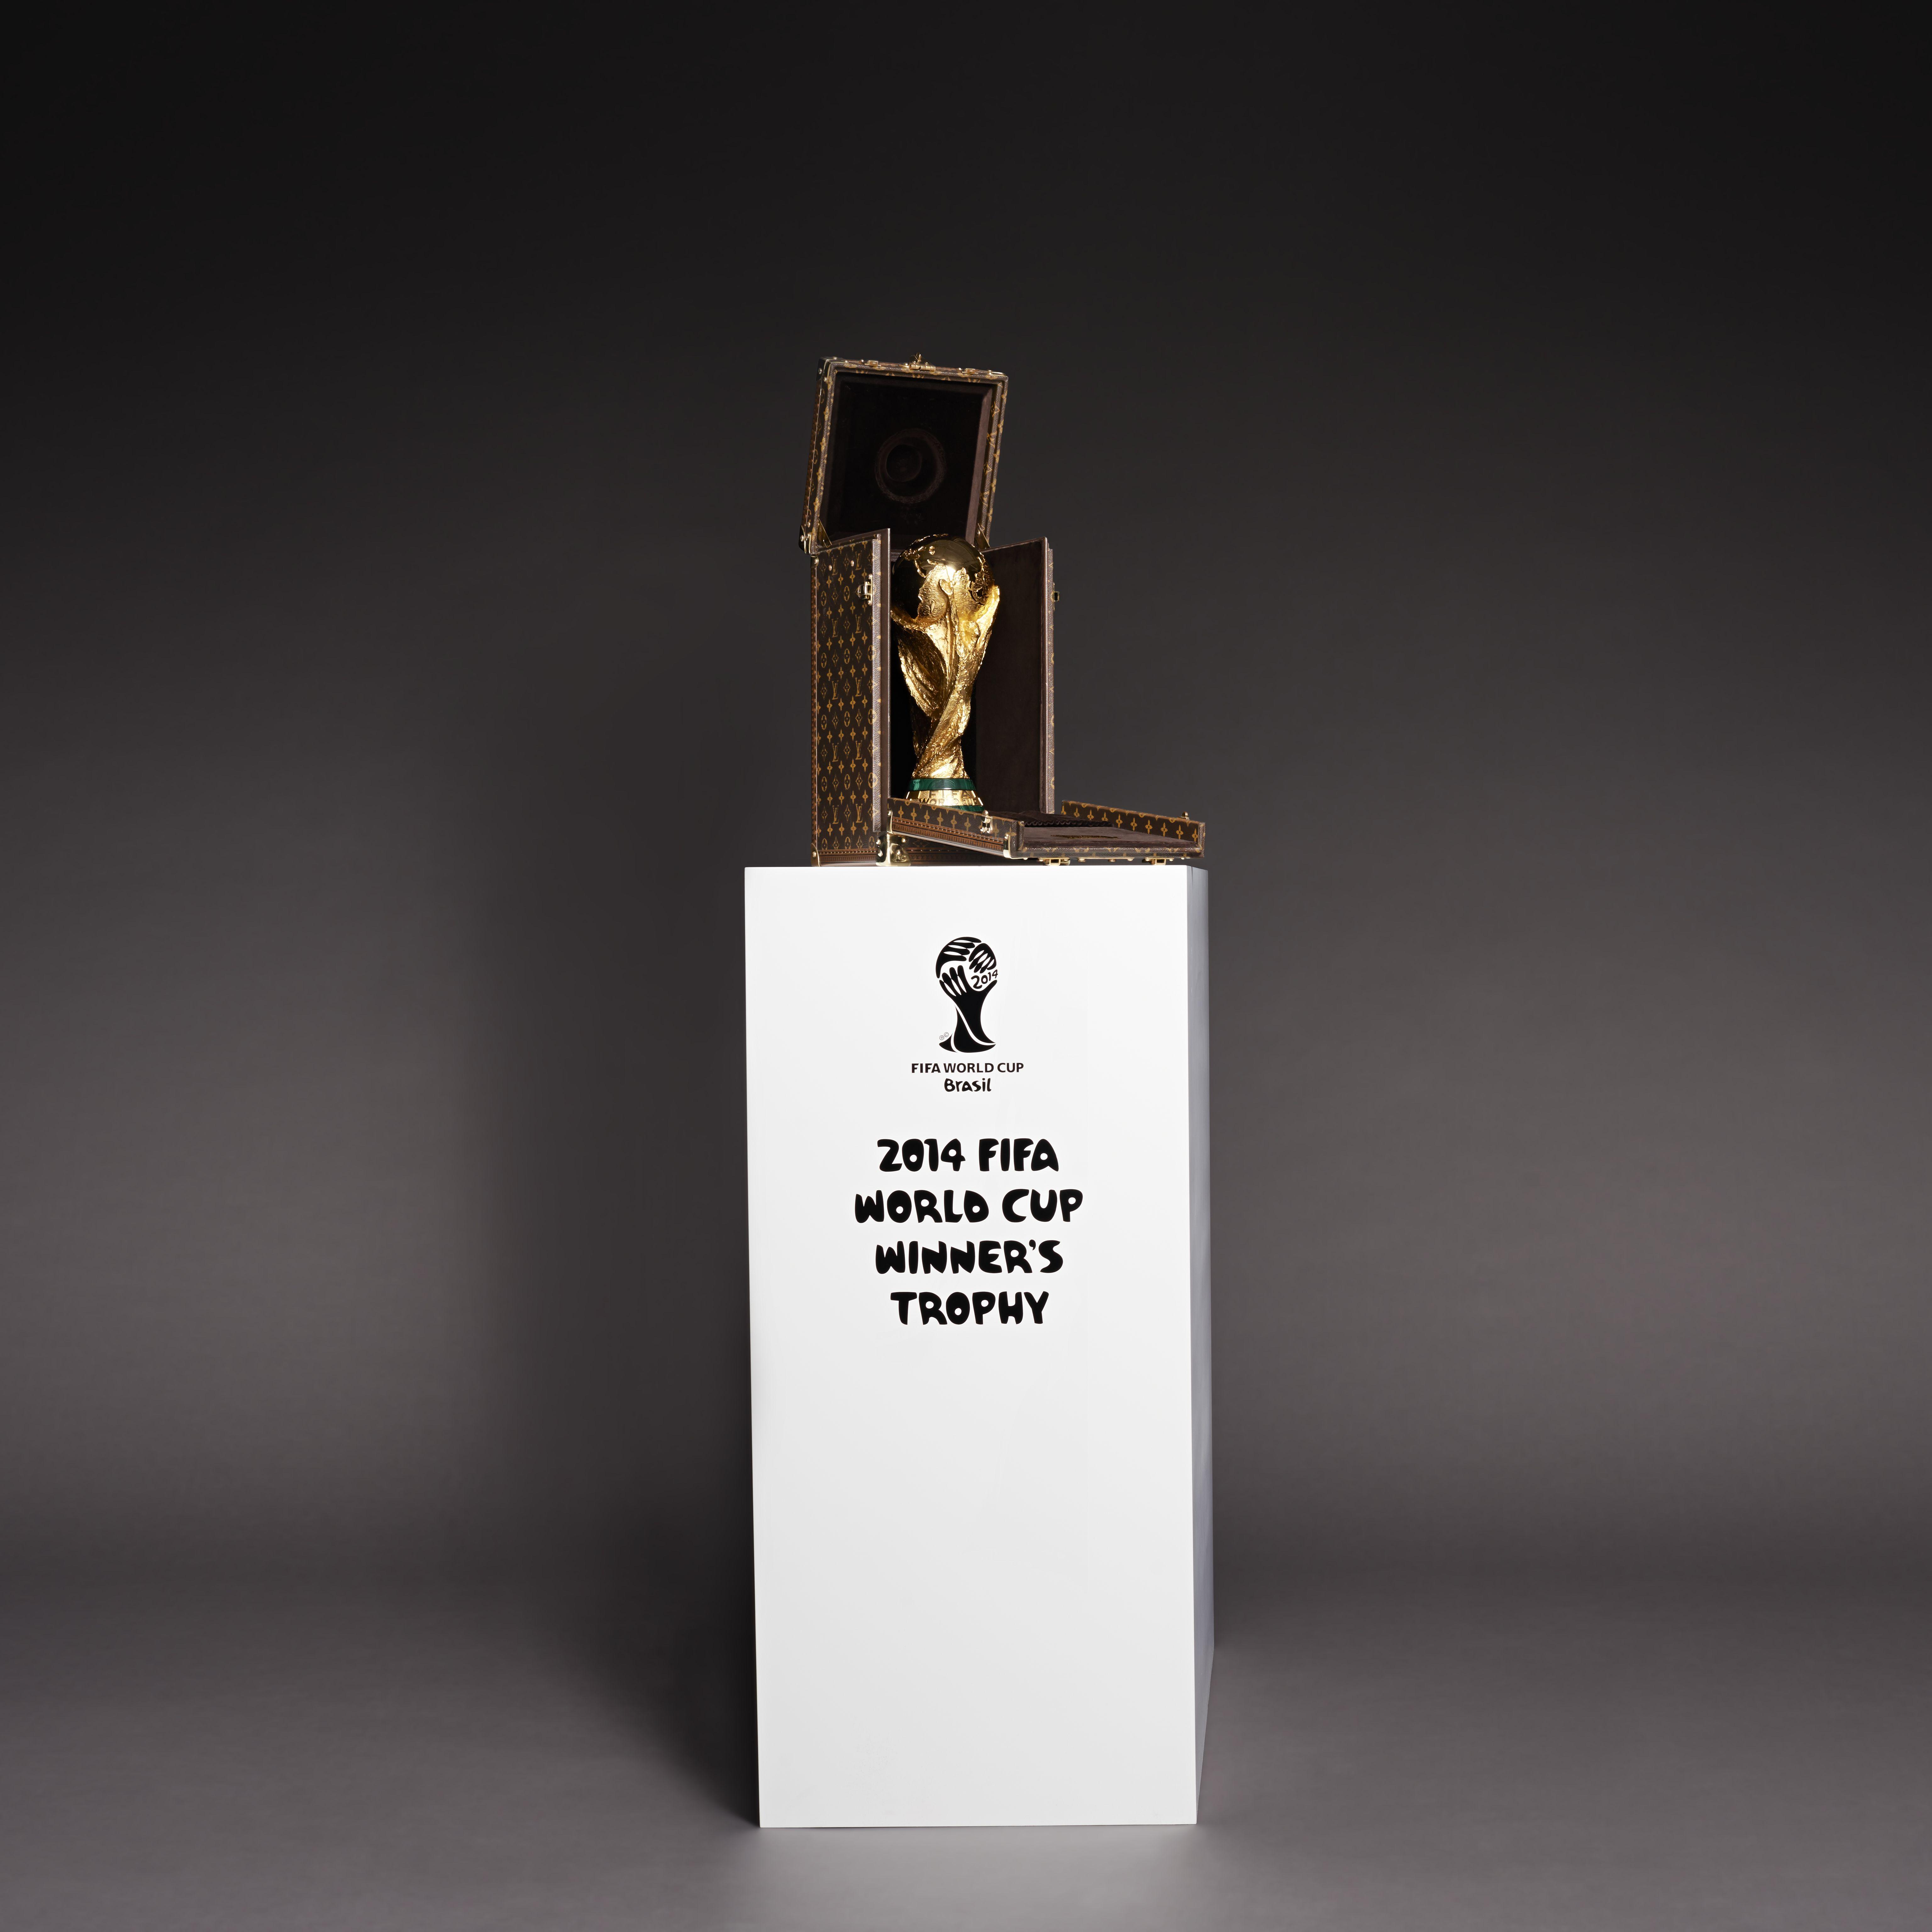 Louis Vuitton Designs World Cup Trophy Case